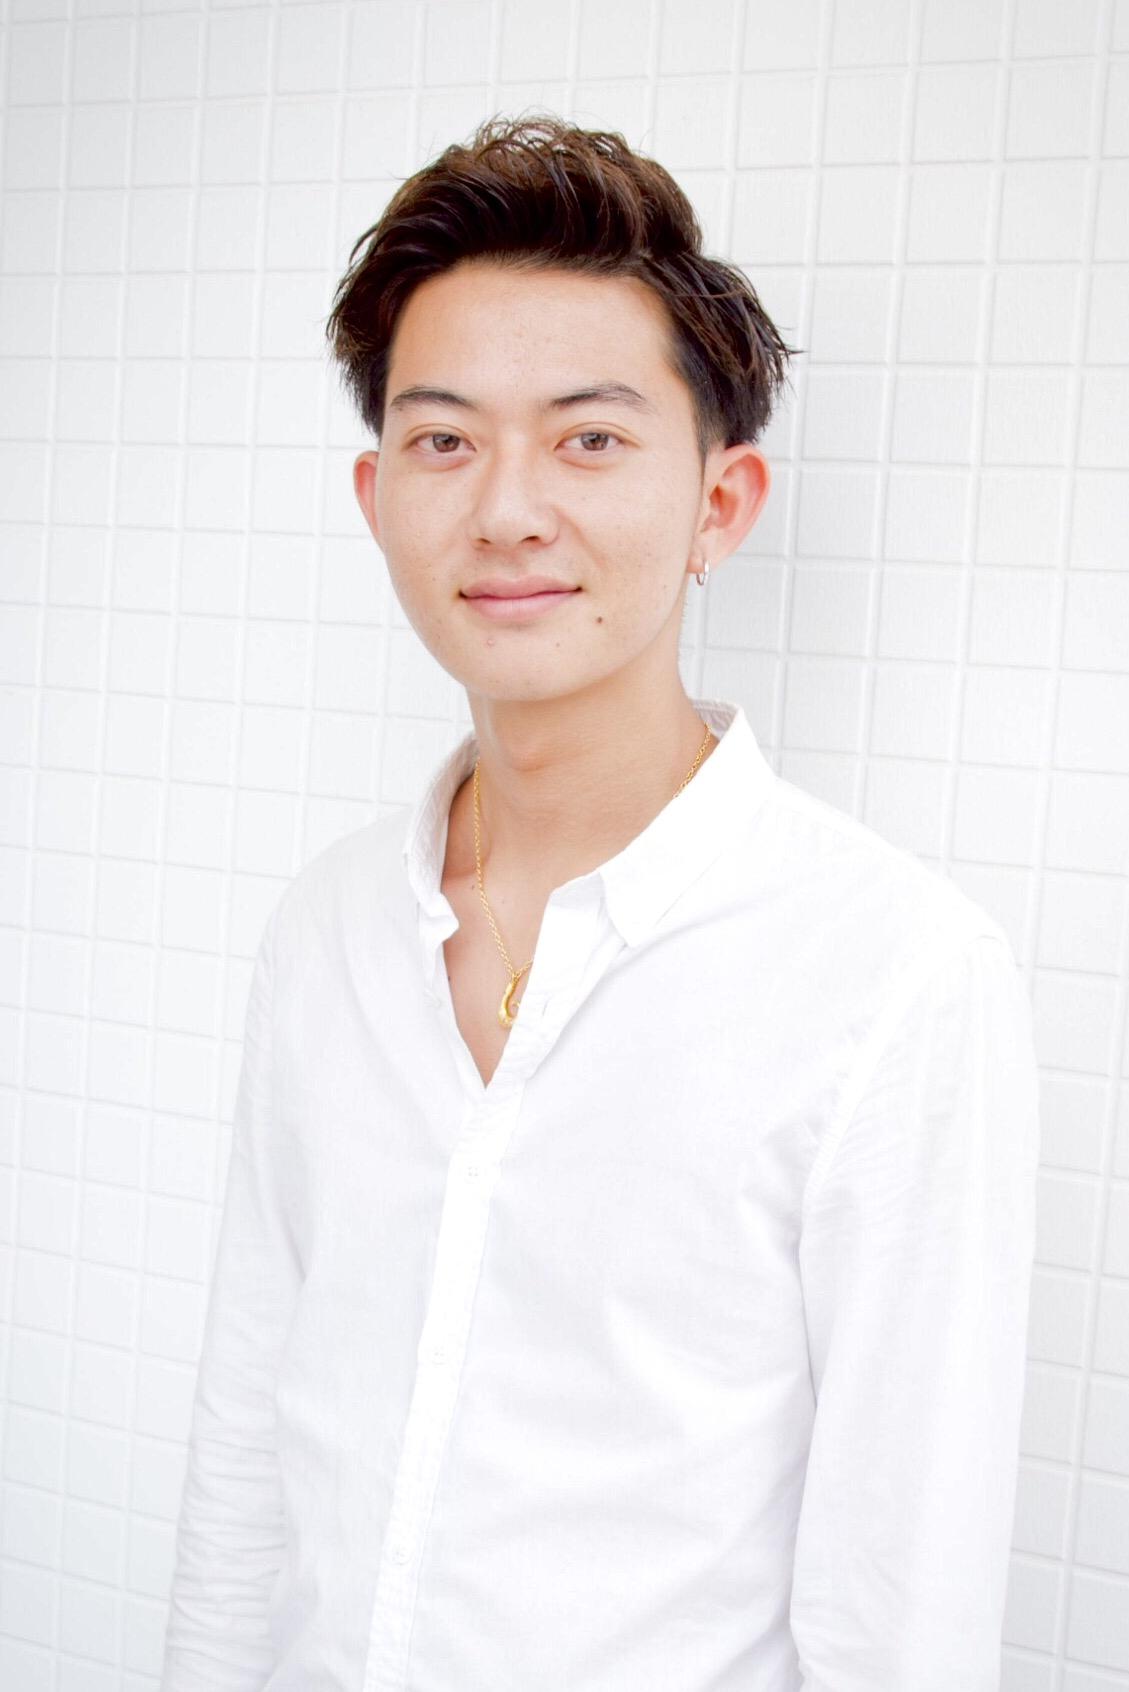 伊東駿太郎